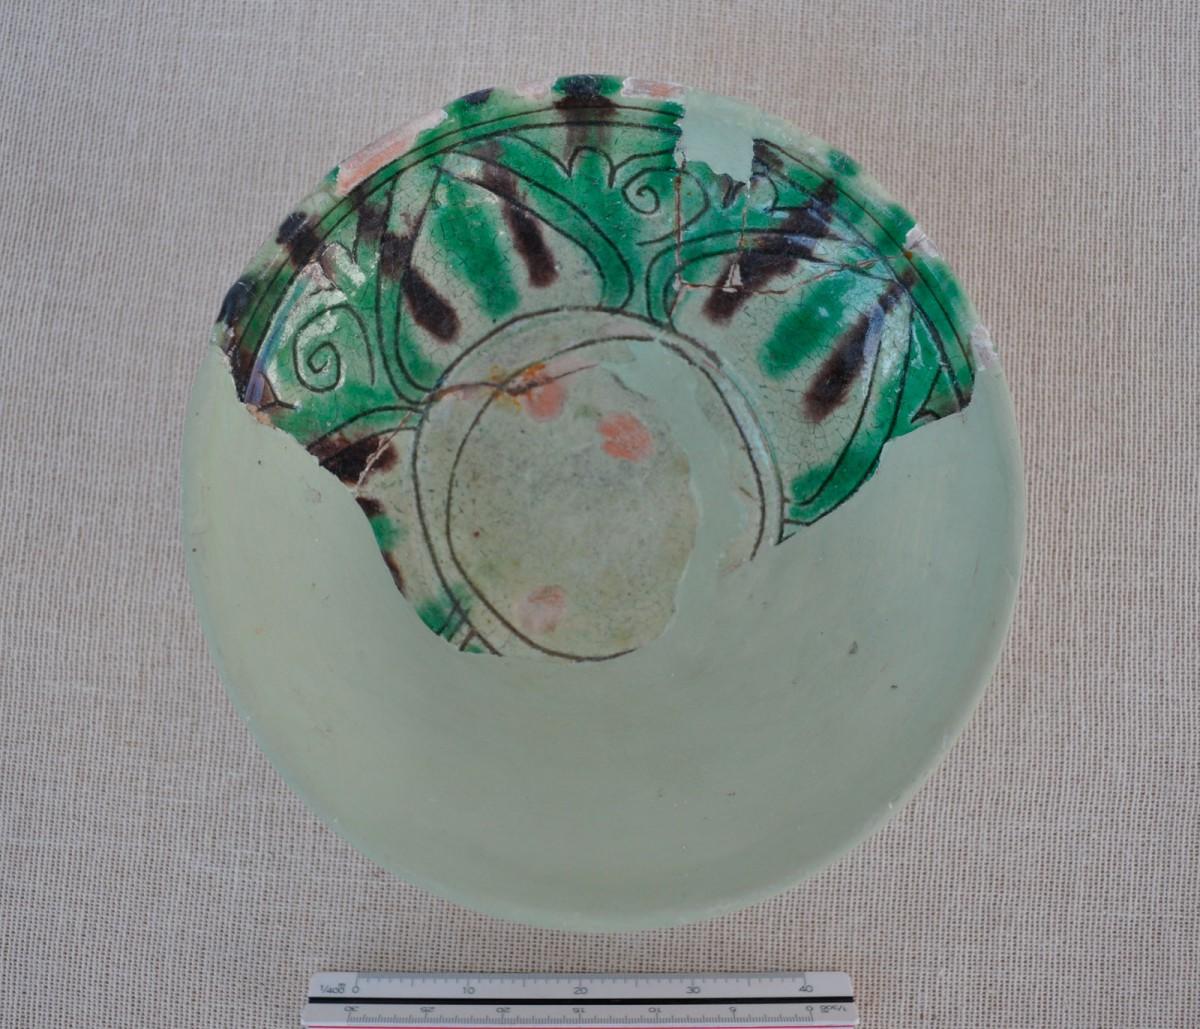 Εικ. 9. Κούπα με εγχάρακτη διακόσμηση και εφυάλωση από τα Τρίκαλα, 15ος-16ος  αι.